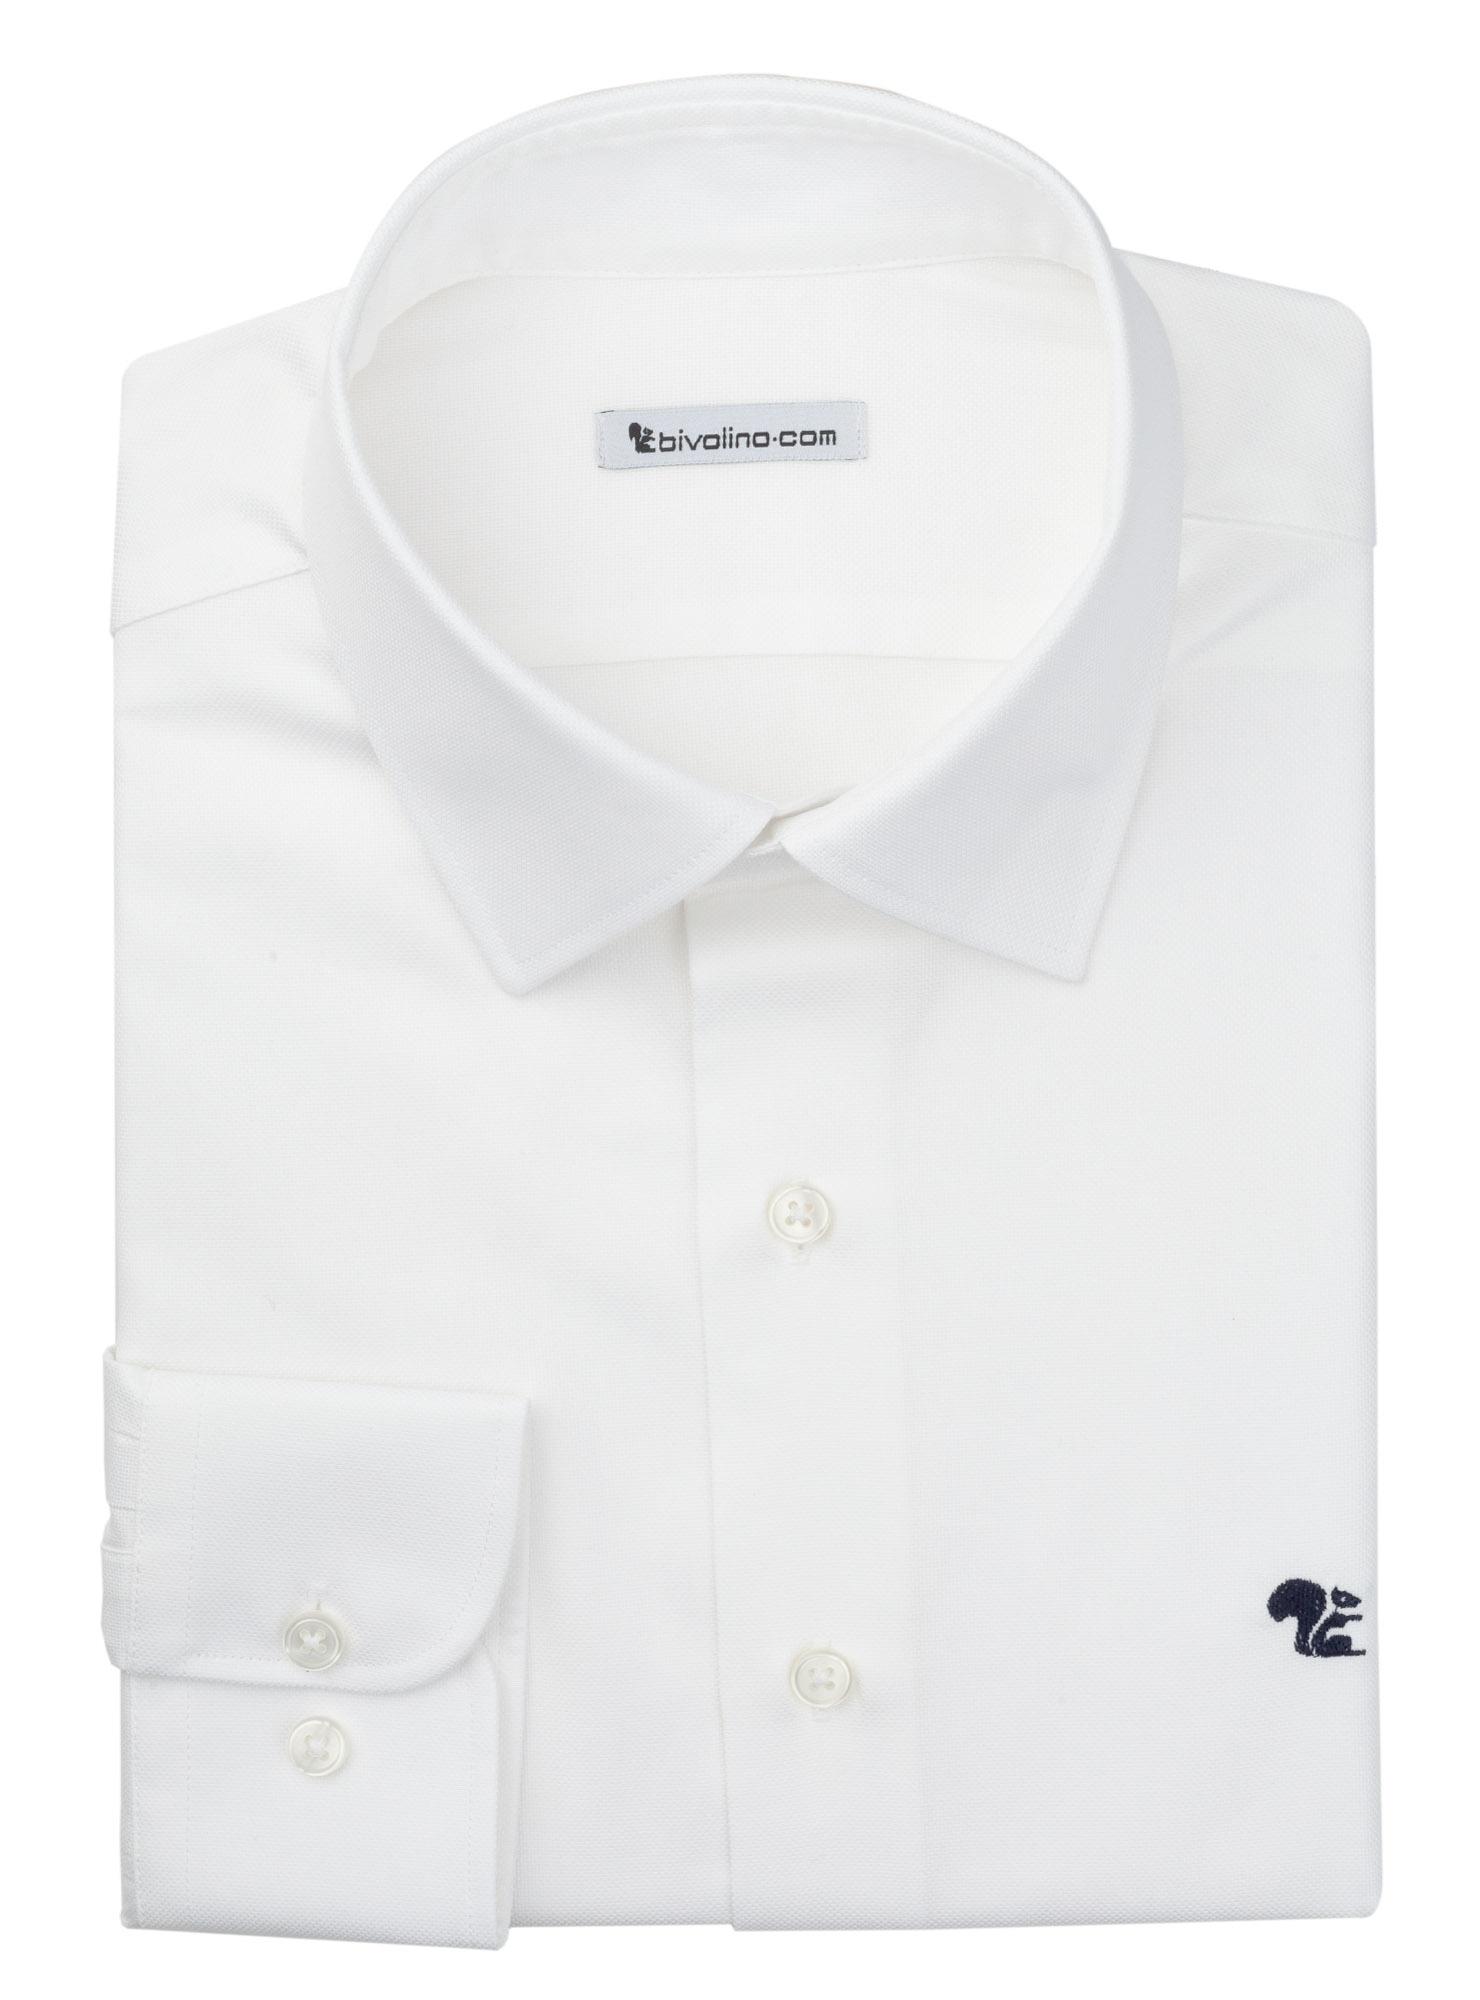 ALESSANDRIA - Royal Oxford weiss Herren Hemd - LABA 5 CLIFTON